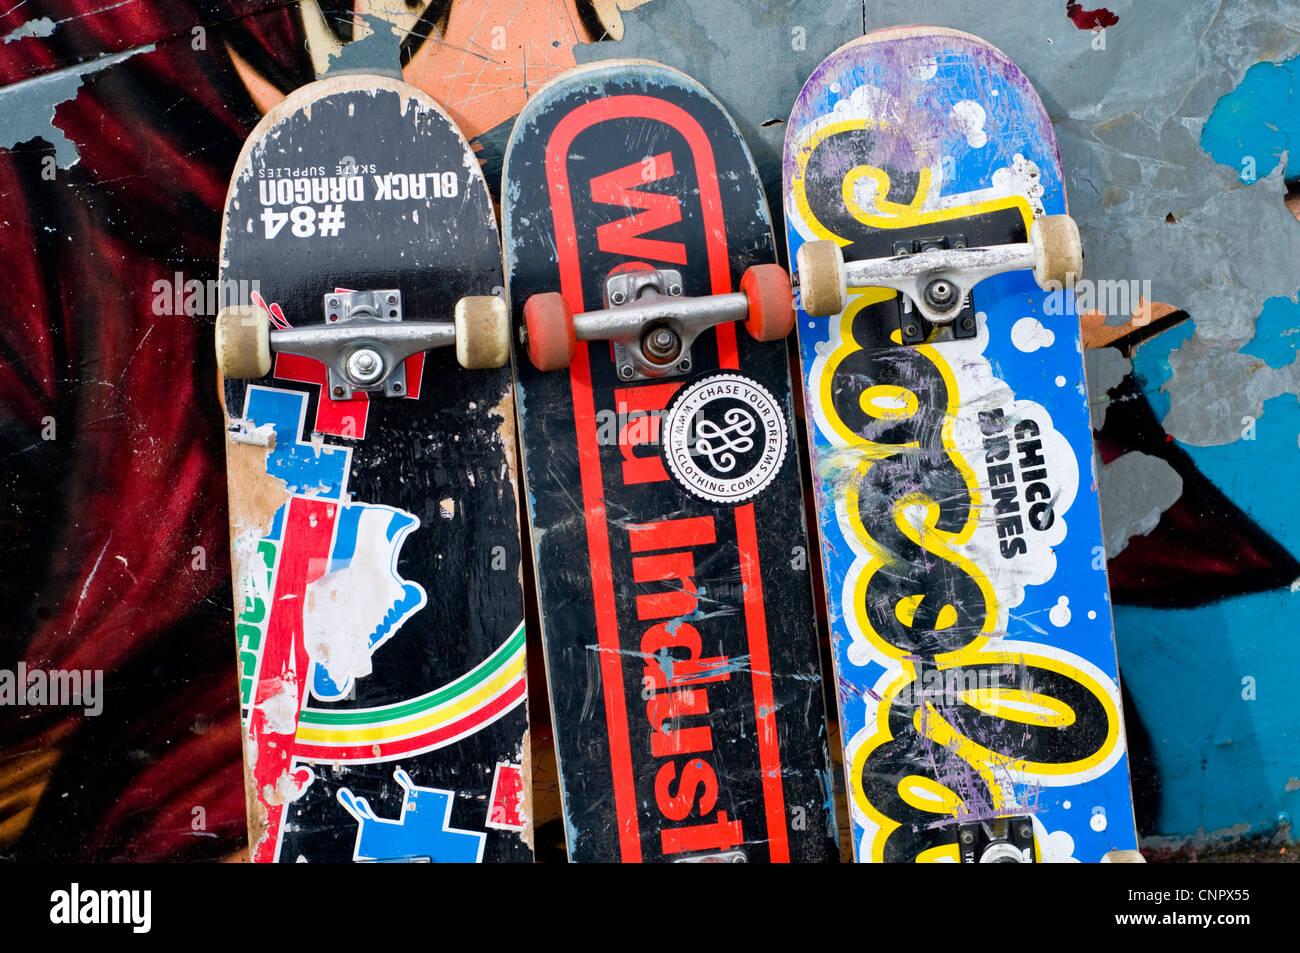 Tre skateboard appoggiato contro una parete Immagini Stock